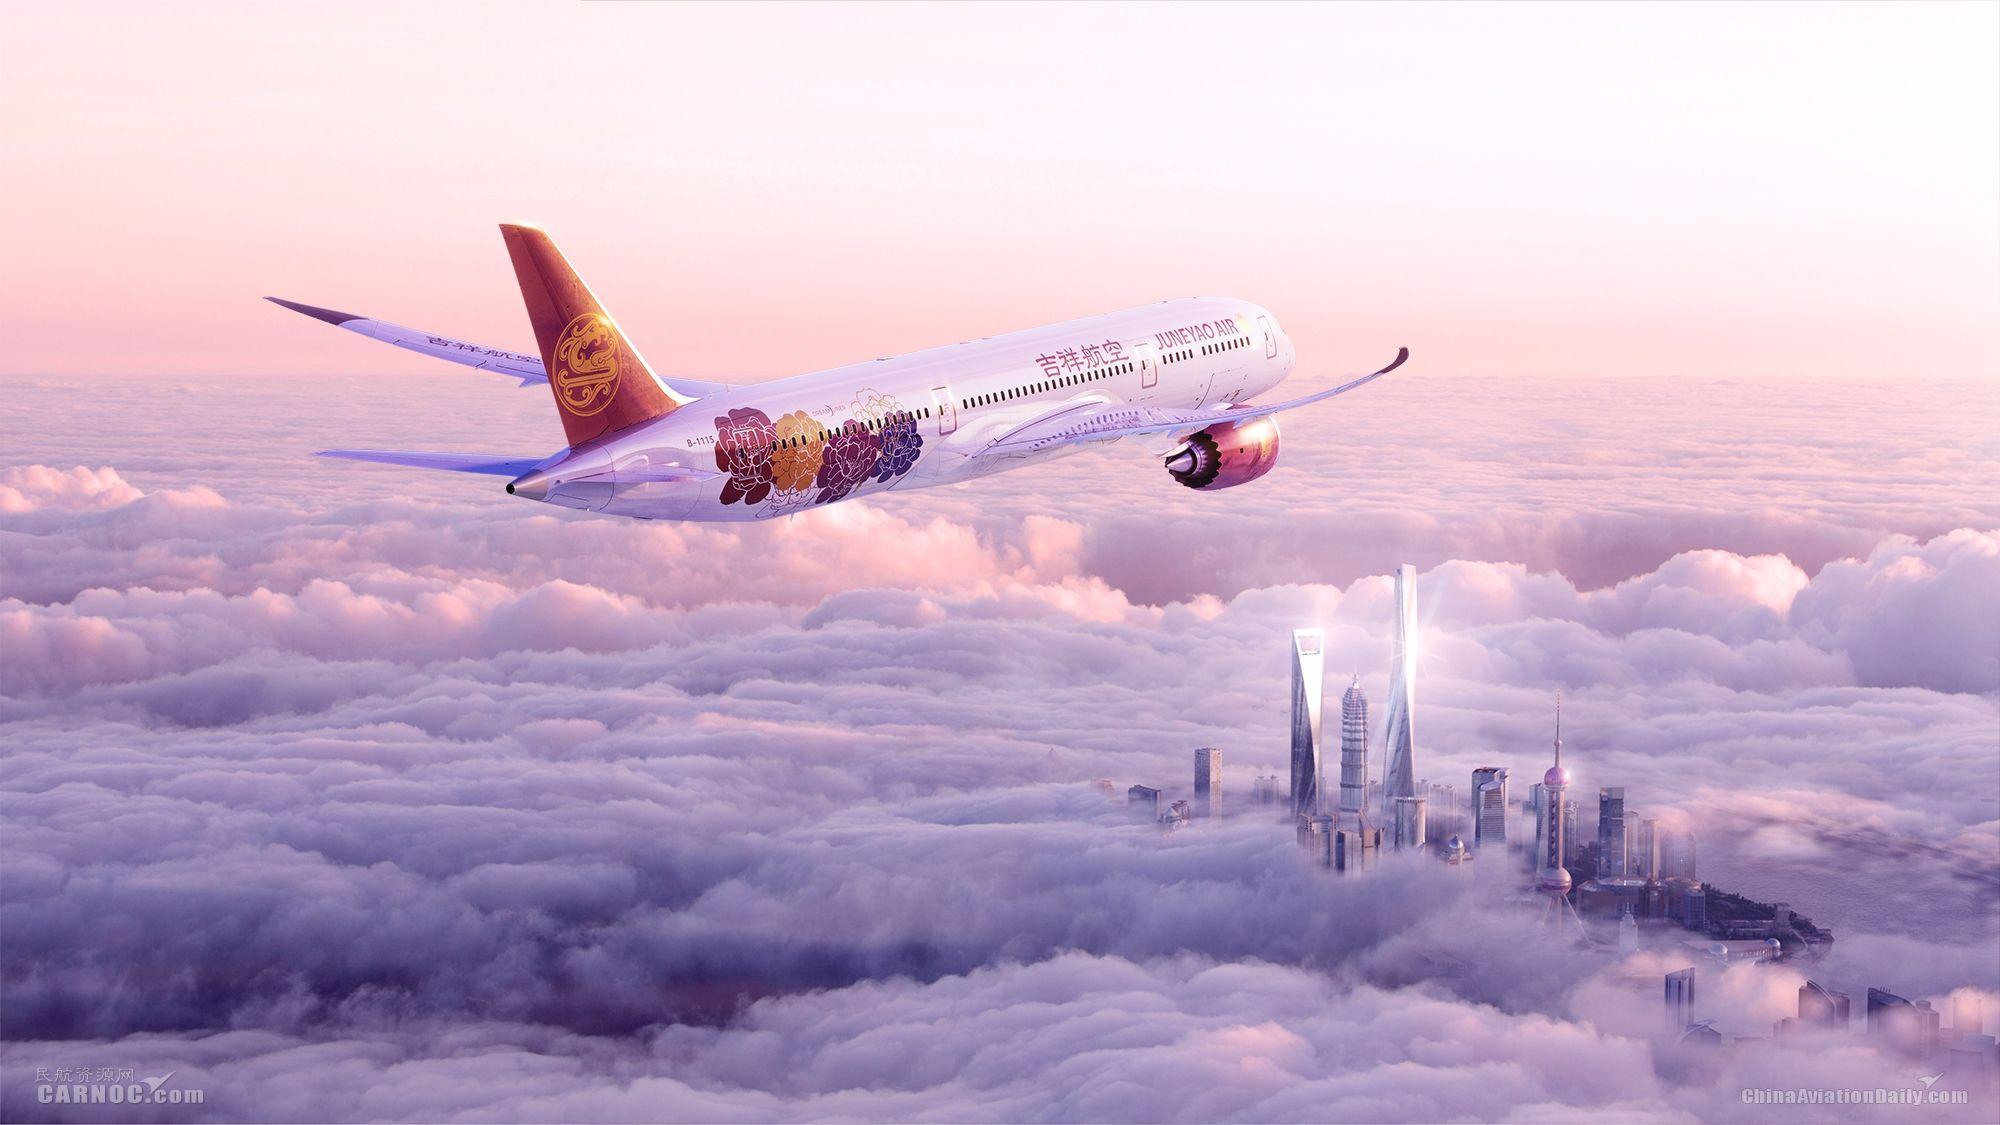 吉祥航空公布旗下波音787梦想飞机主题形象